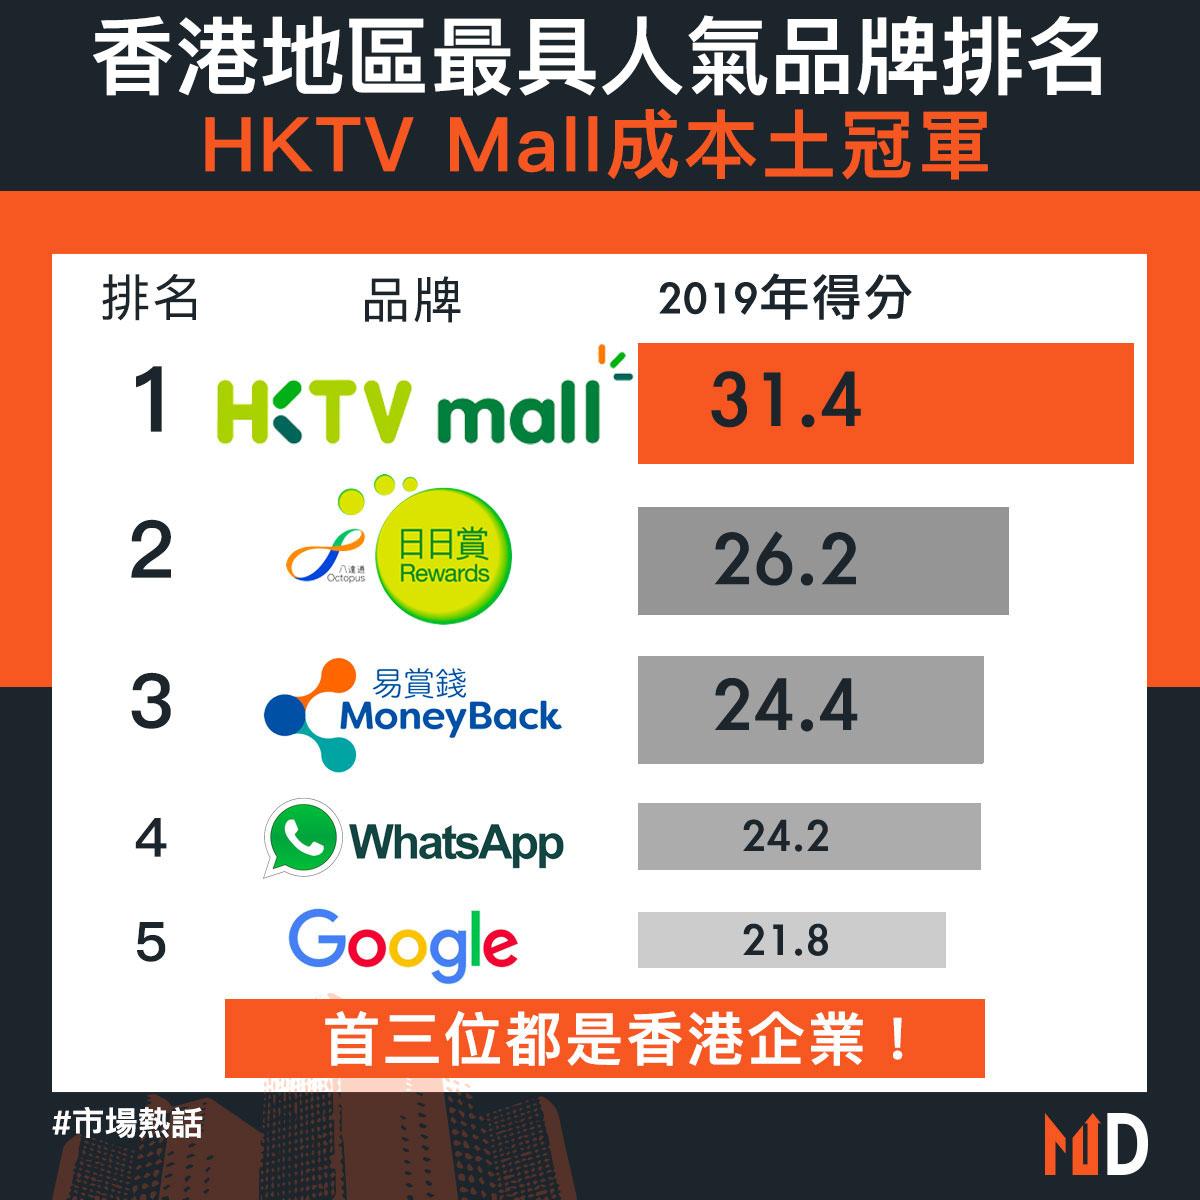 【市場熱話】香港地區最具人氣品牌排名:HKTV Mall成本土冠軍